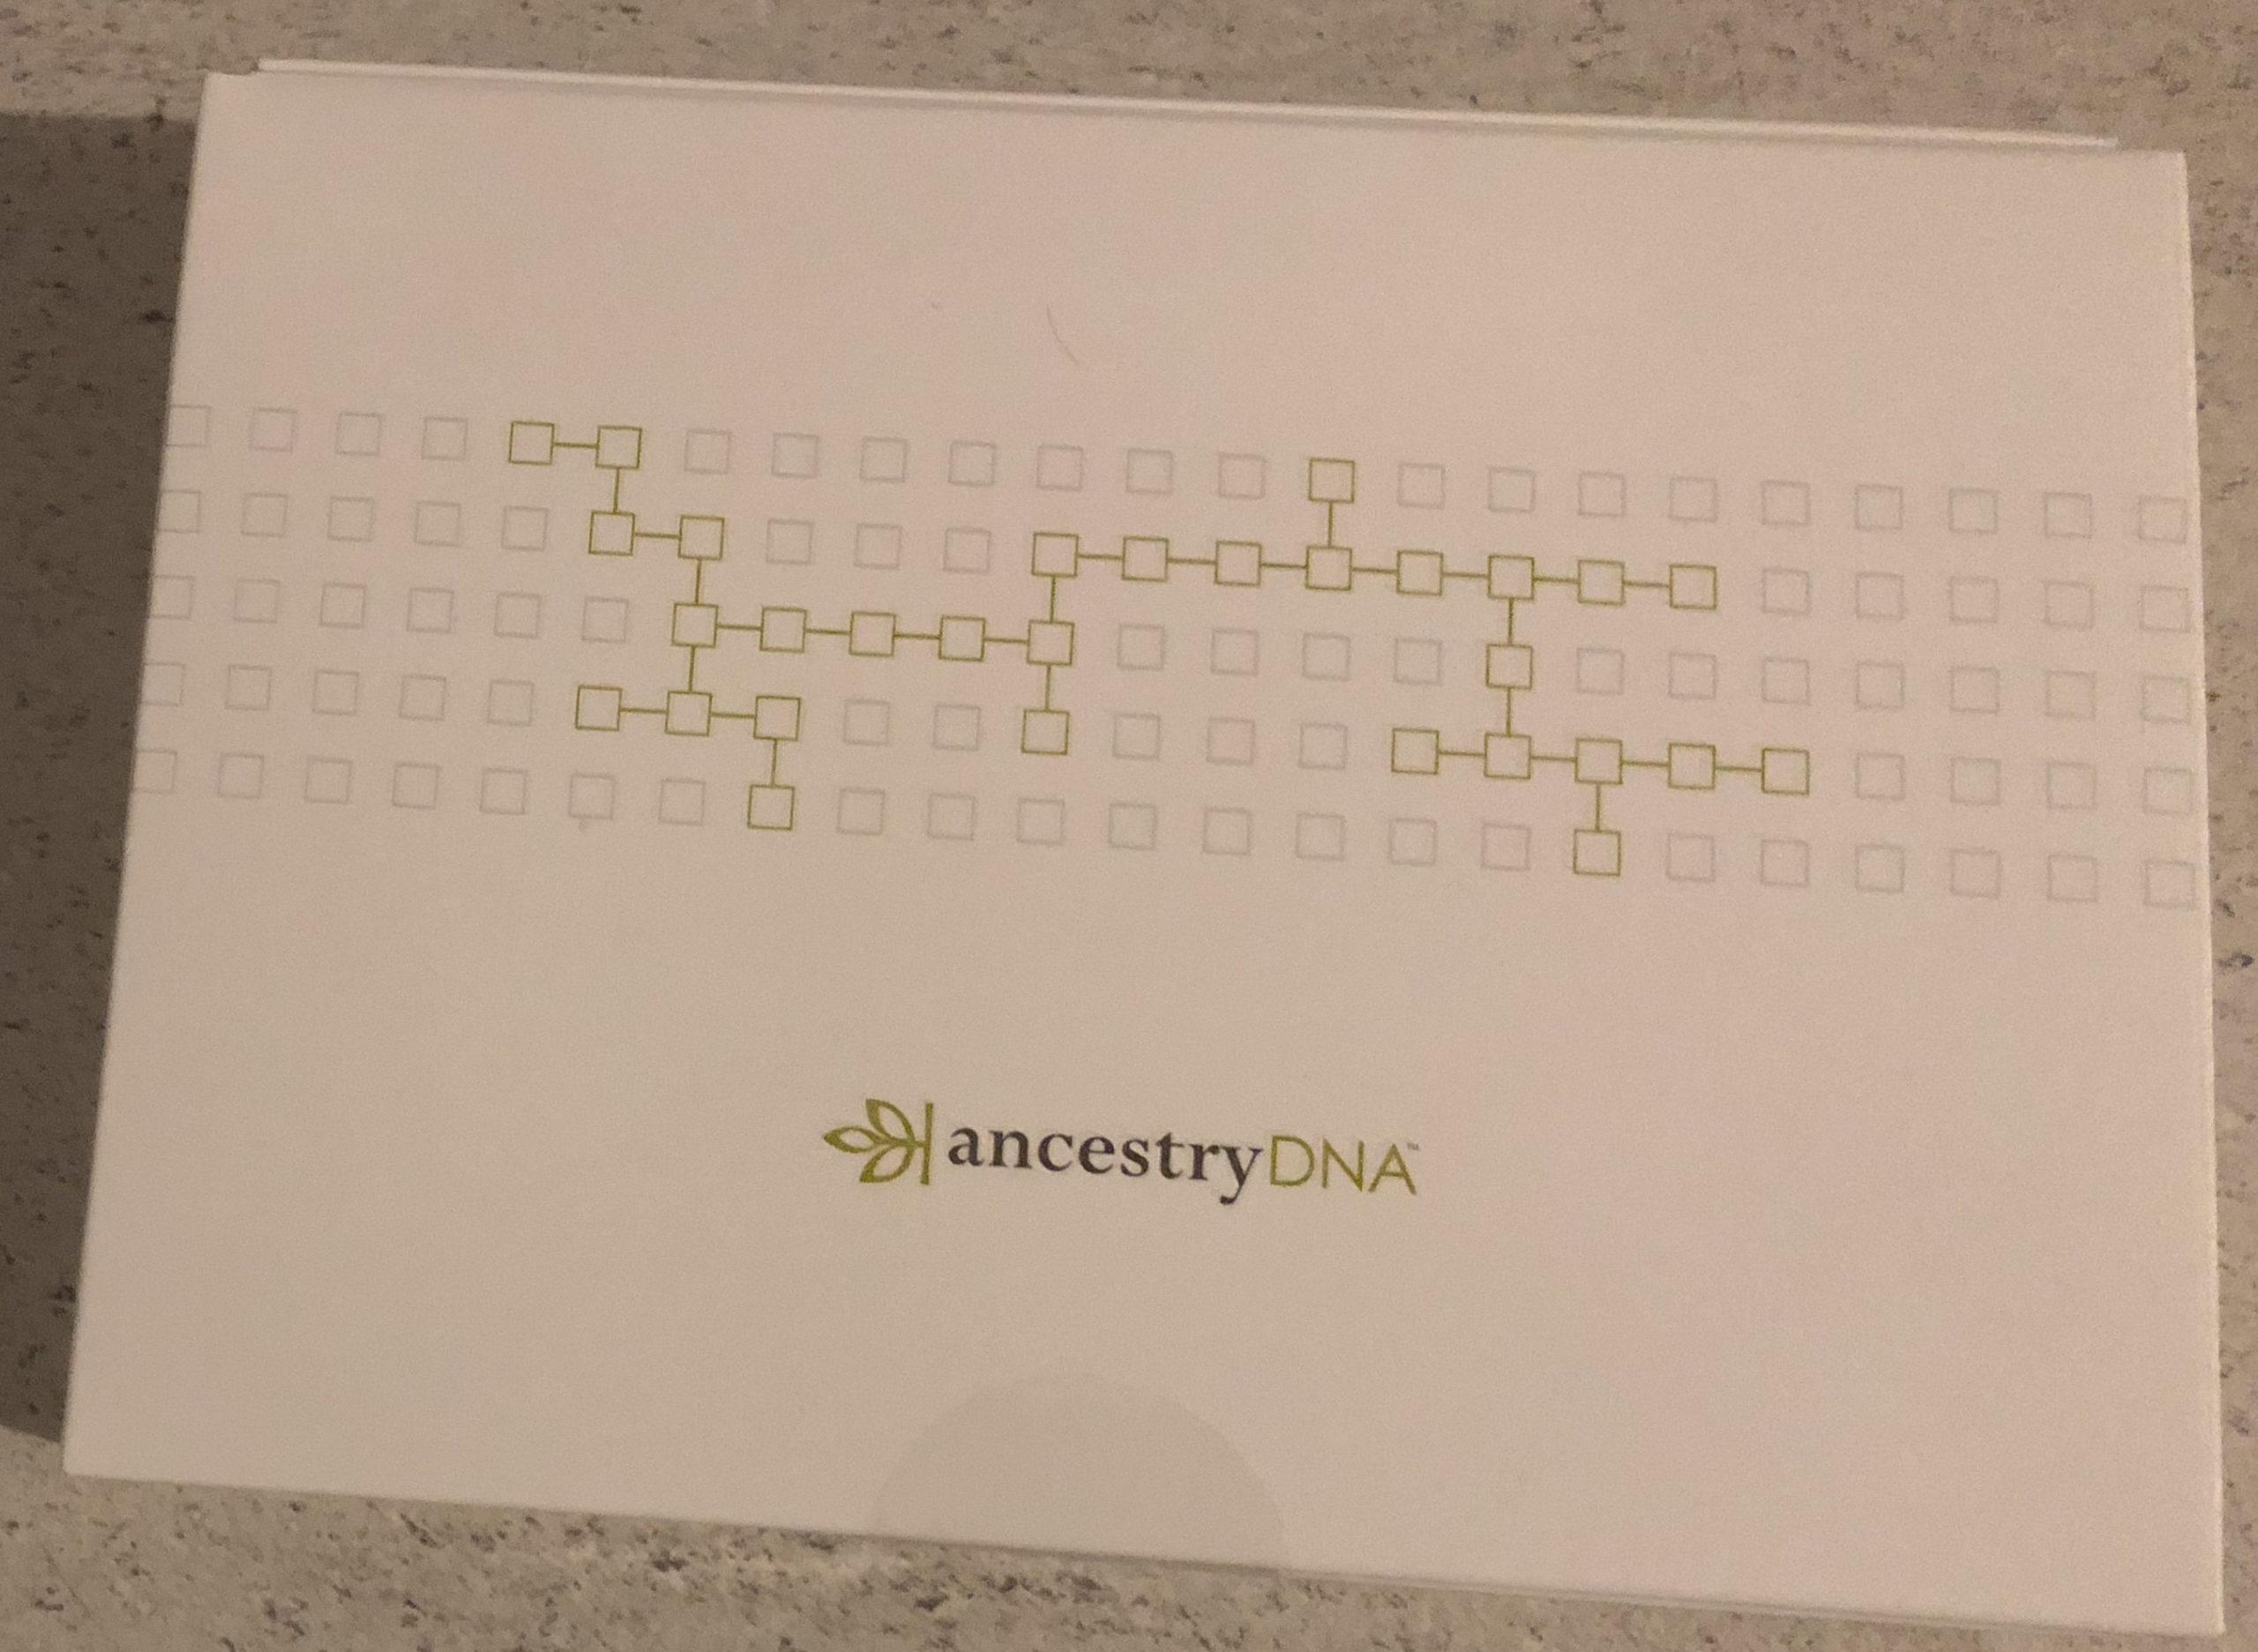 Le kit Ancestry DNA. Dans la boîte, le tube d'échantillon de salive avec le produit de conservation, un sachet pour mettre le tube, la boite pour l'envoi du tube et le dépliant d'explications.